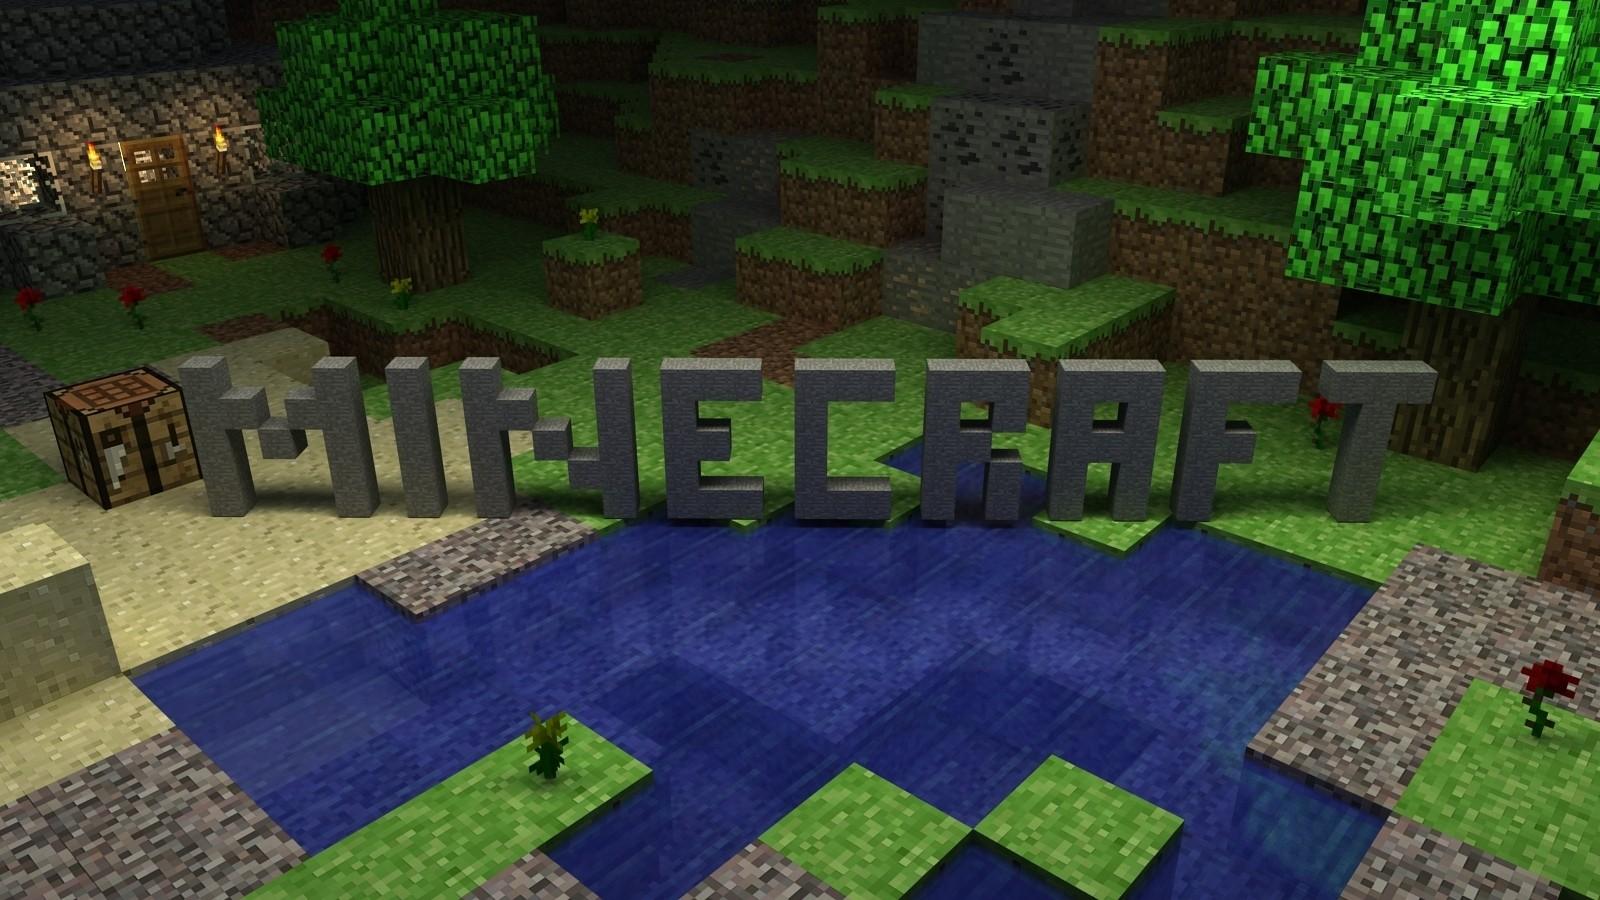 Minecraft Wallpapers HD Wallpaper of Minecraft   hdwallpaper2013com 1600x900